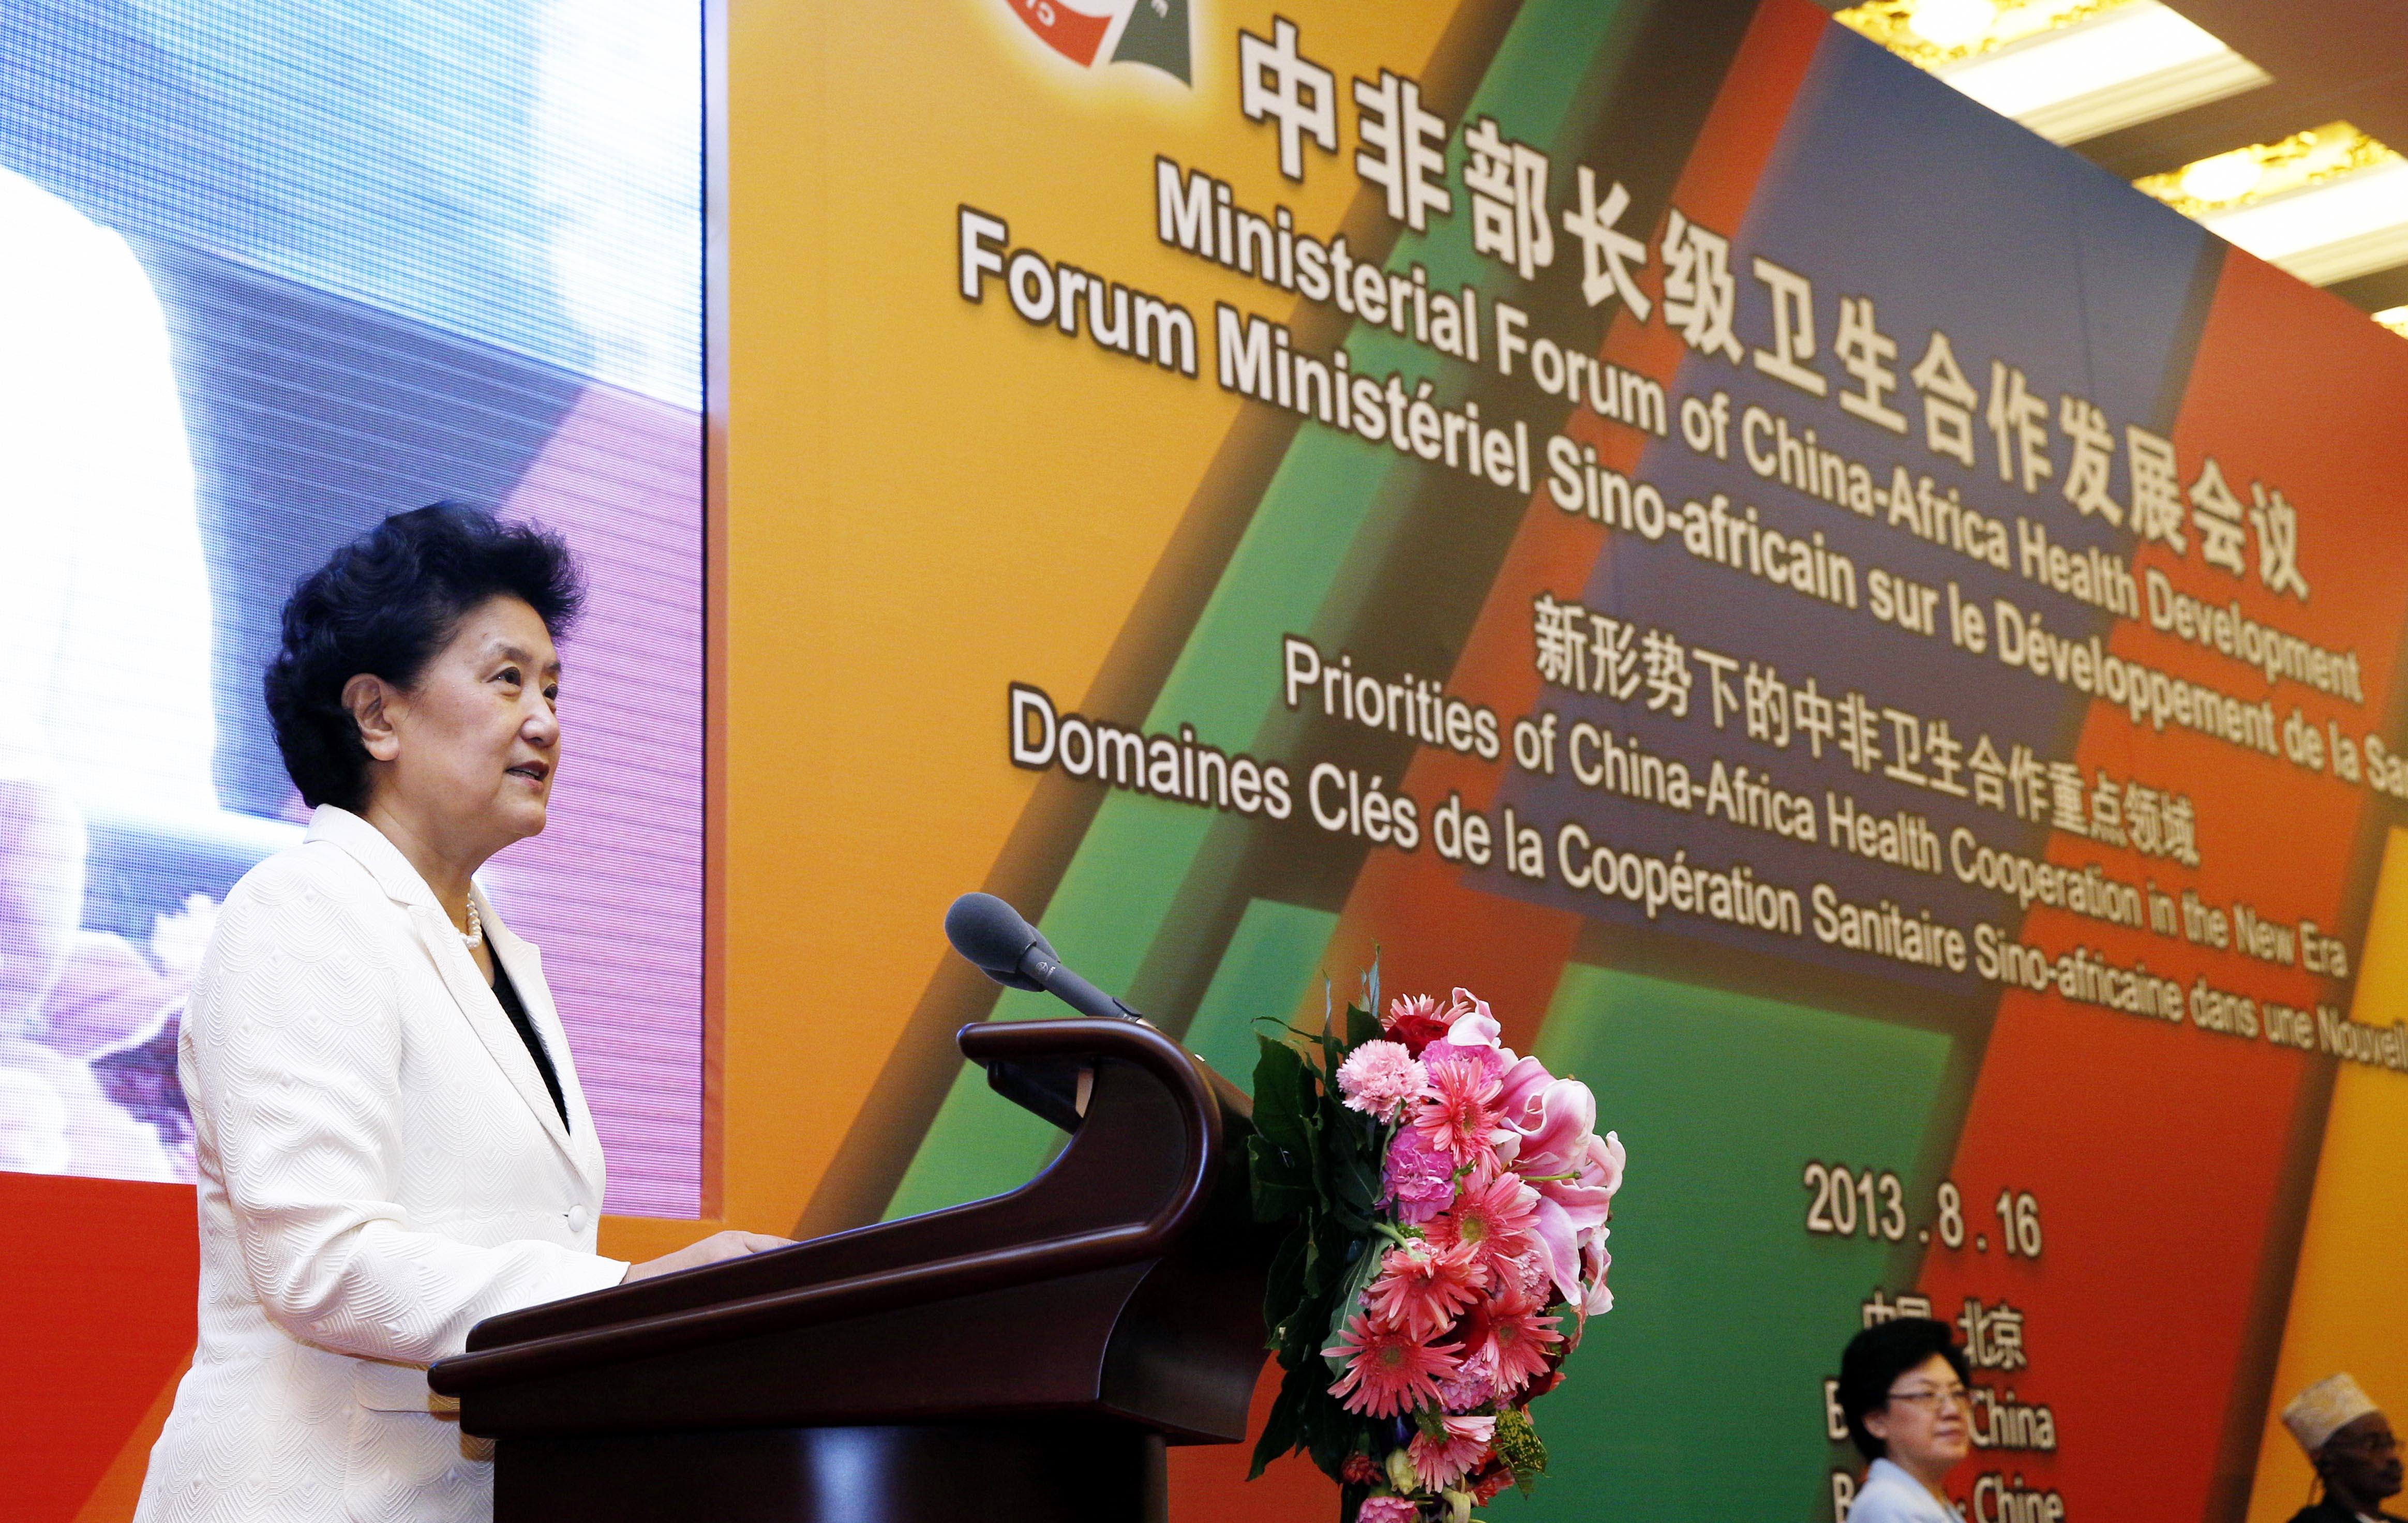 La Chine renforcera sa coopération avec l'Afrique dans le secteur de la santé